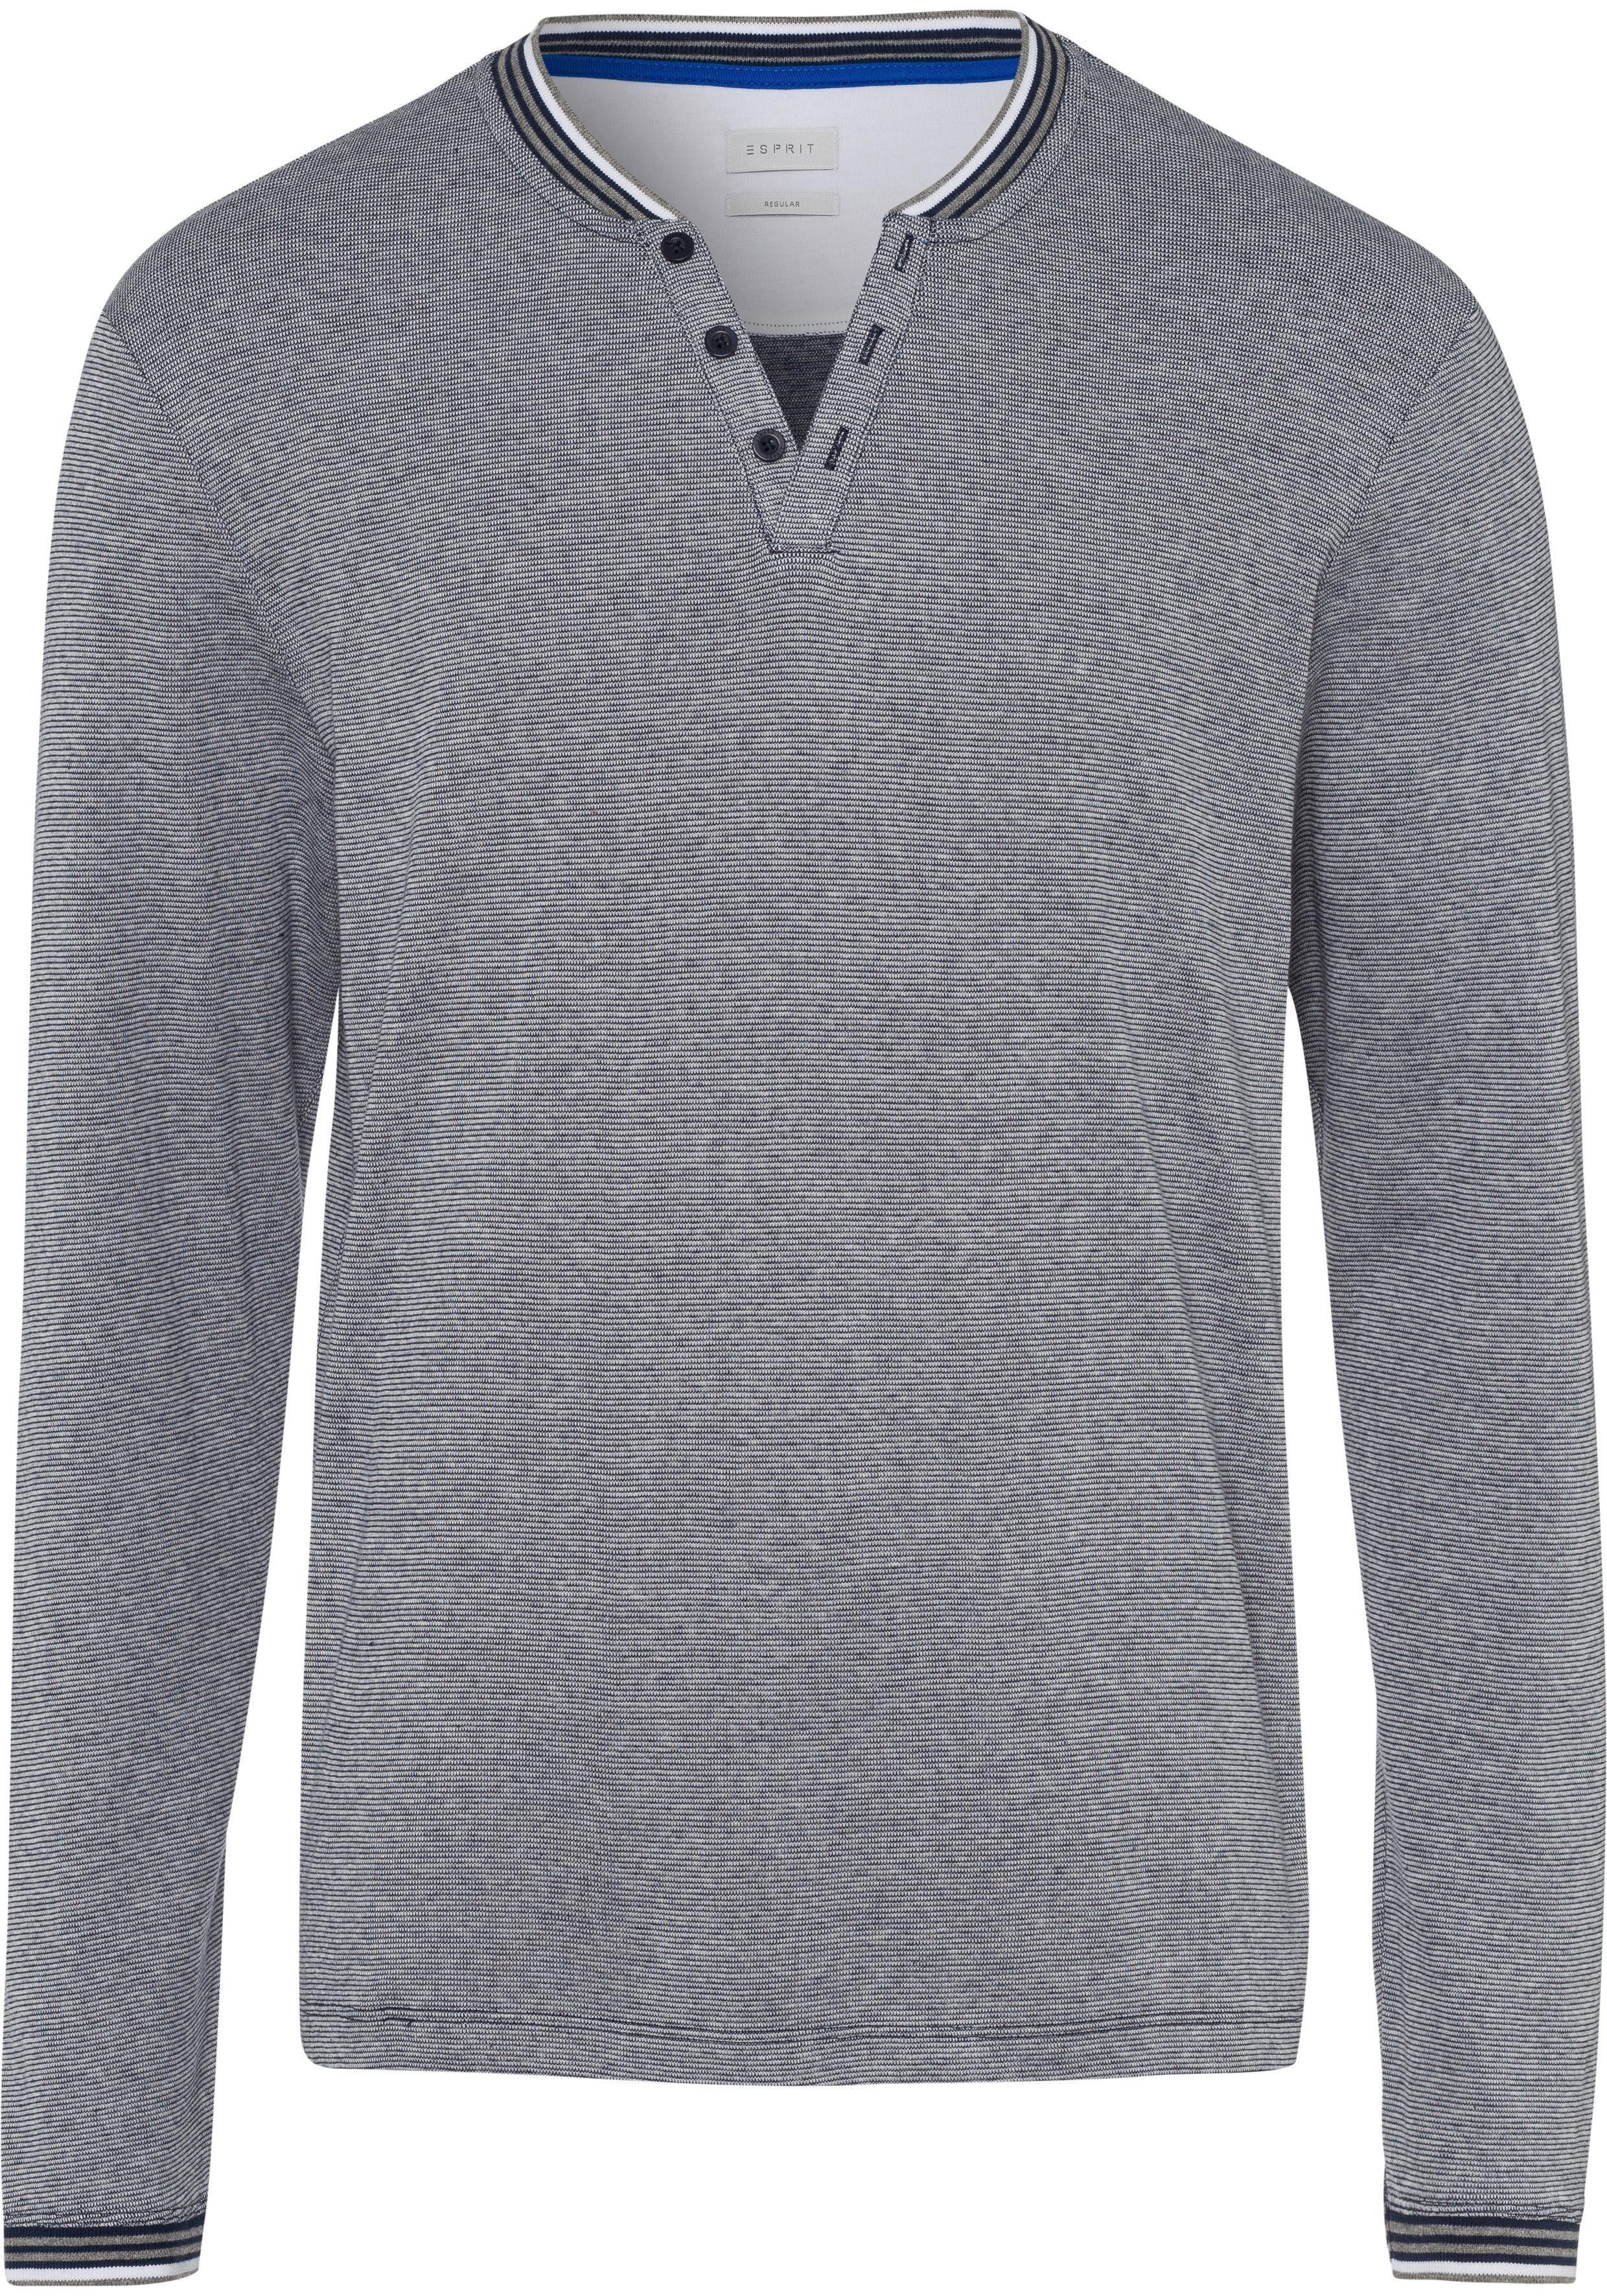 Esprit Langarmshirt mit dekorativen Knöpfen und Details online kaufen | OTTO